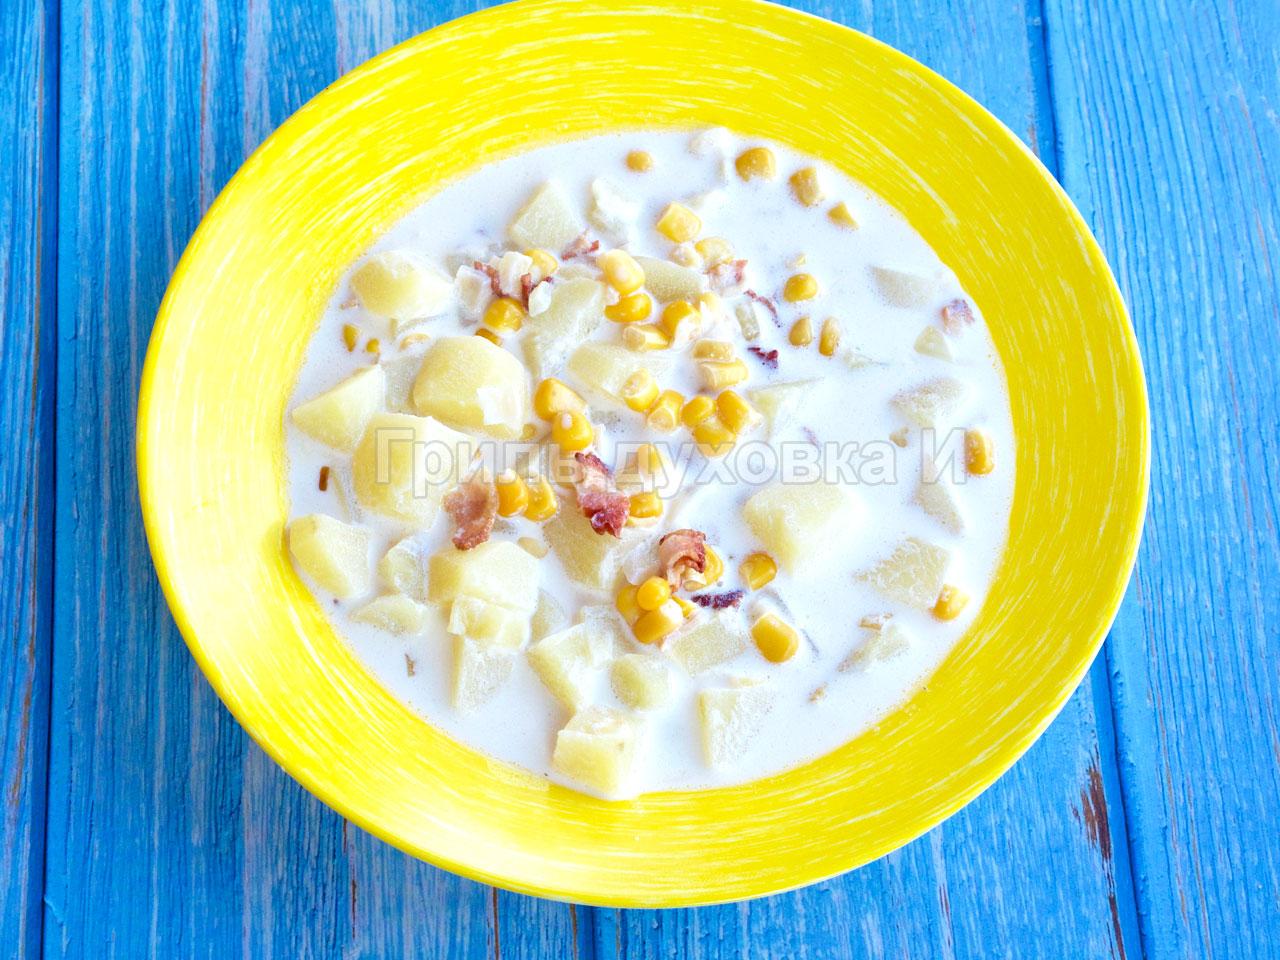 Картофельный суп. С кукурузой, сливками и беконом.